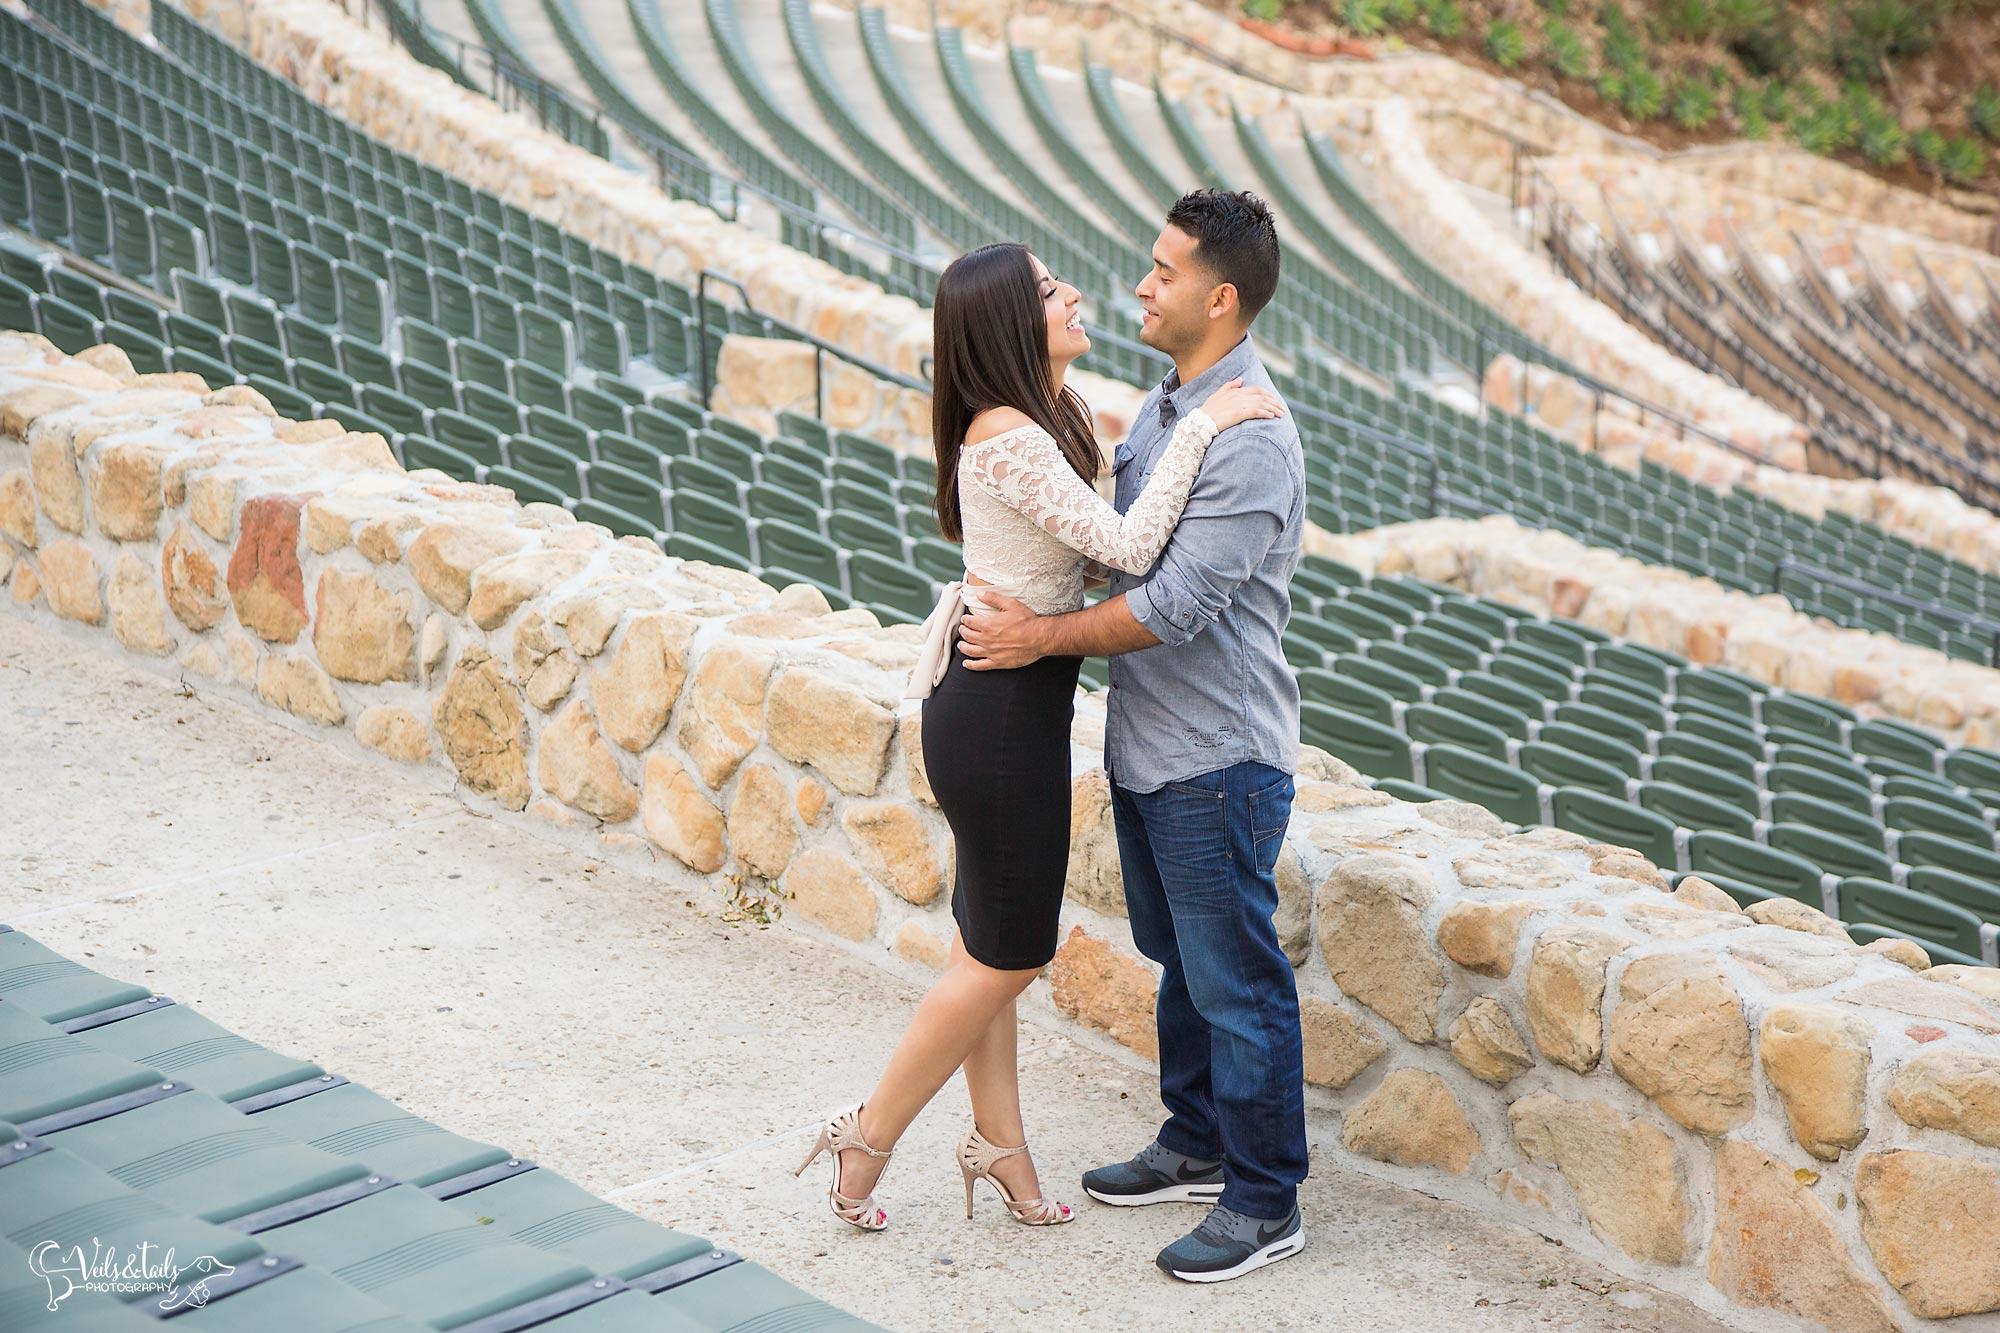 Santa Barbara Bowl Engagement Photography